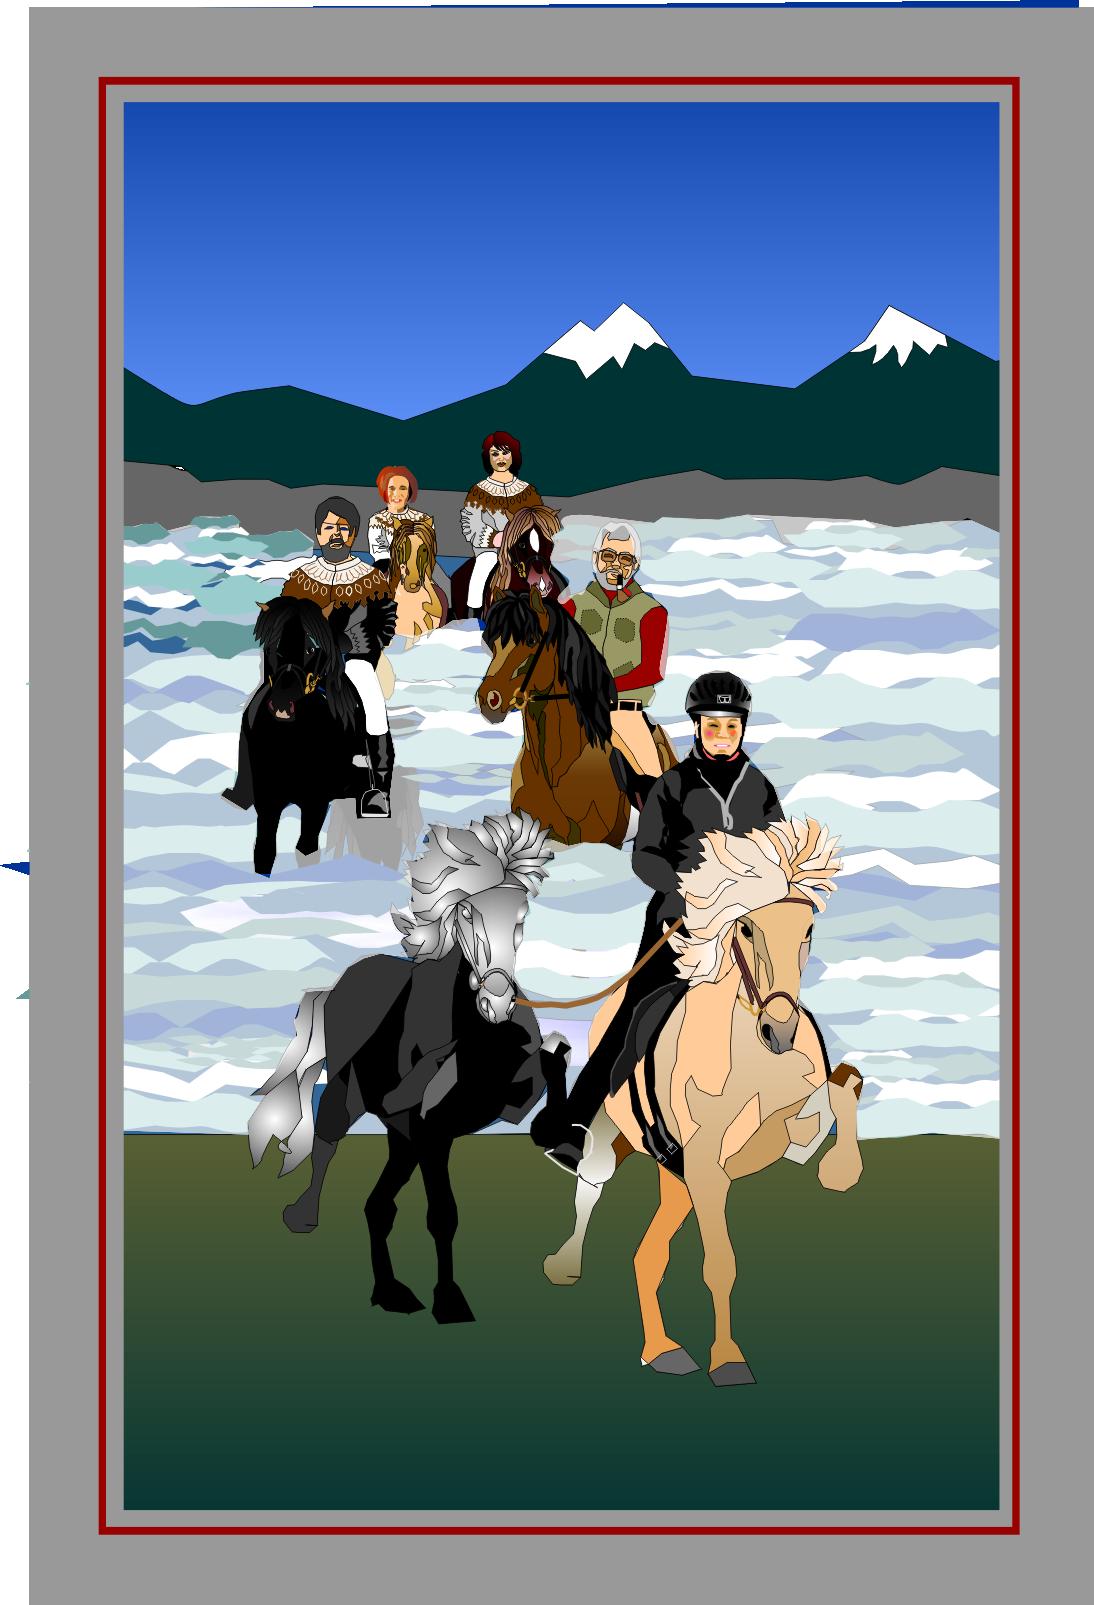 het paard verving jarenlang de bruggen op ijsland, want er waren veel te veel rivieren om over te steken en te weinig bruggen. maar paarden zat.